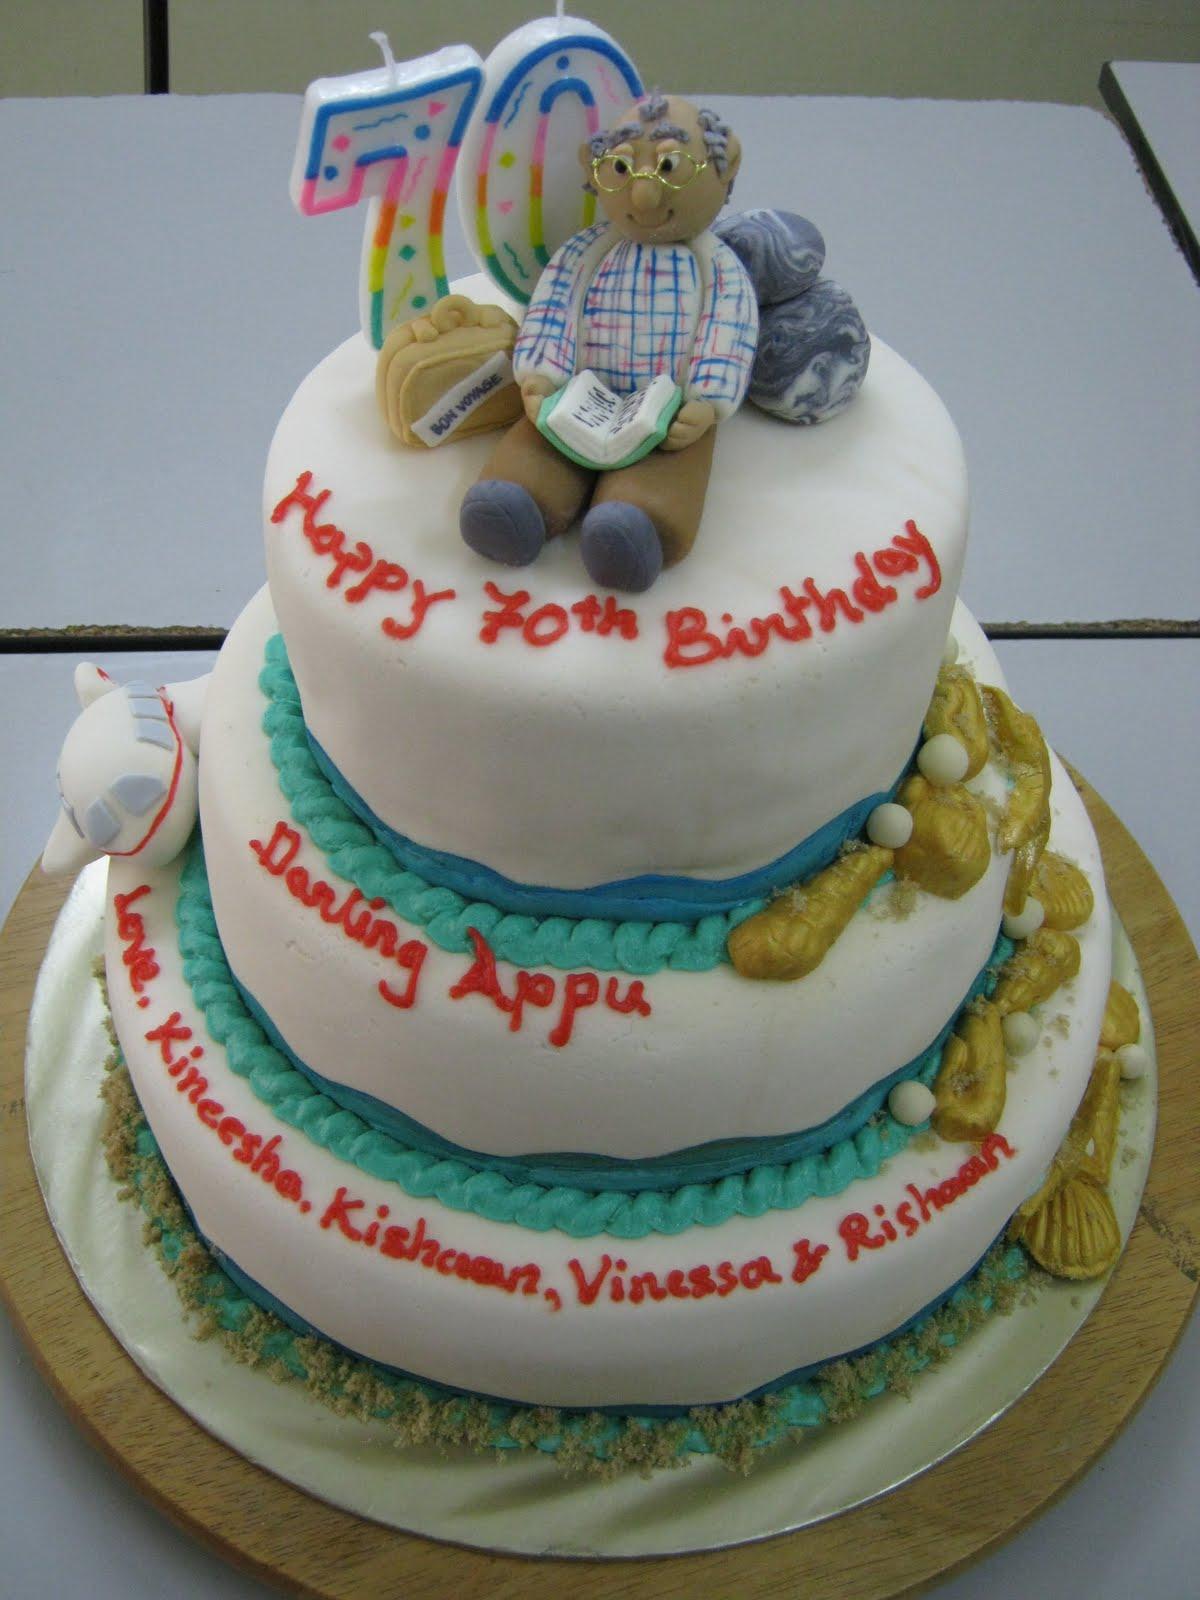 Cool Cake Ideas For Men